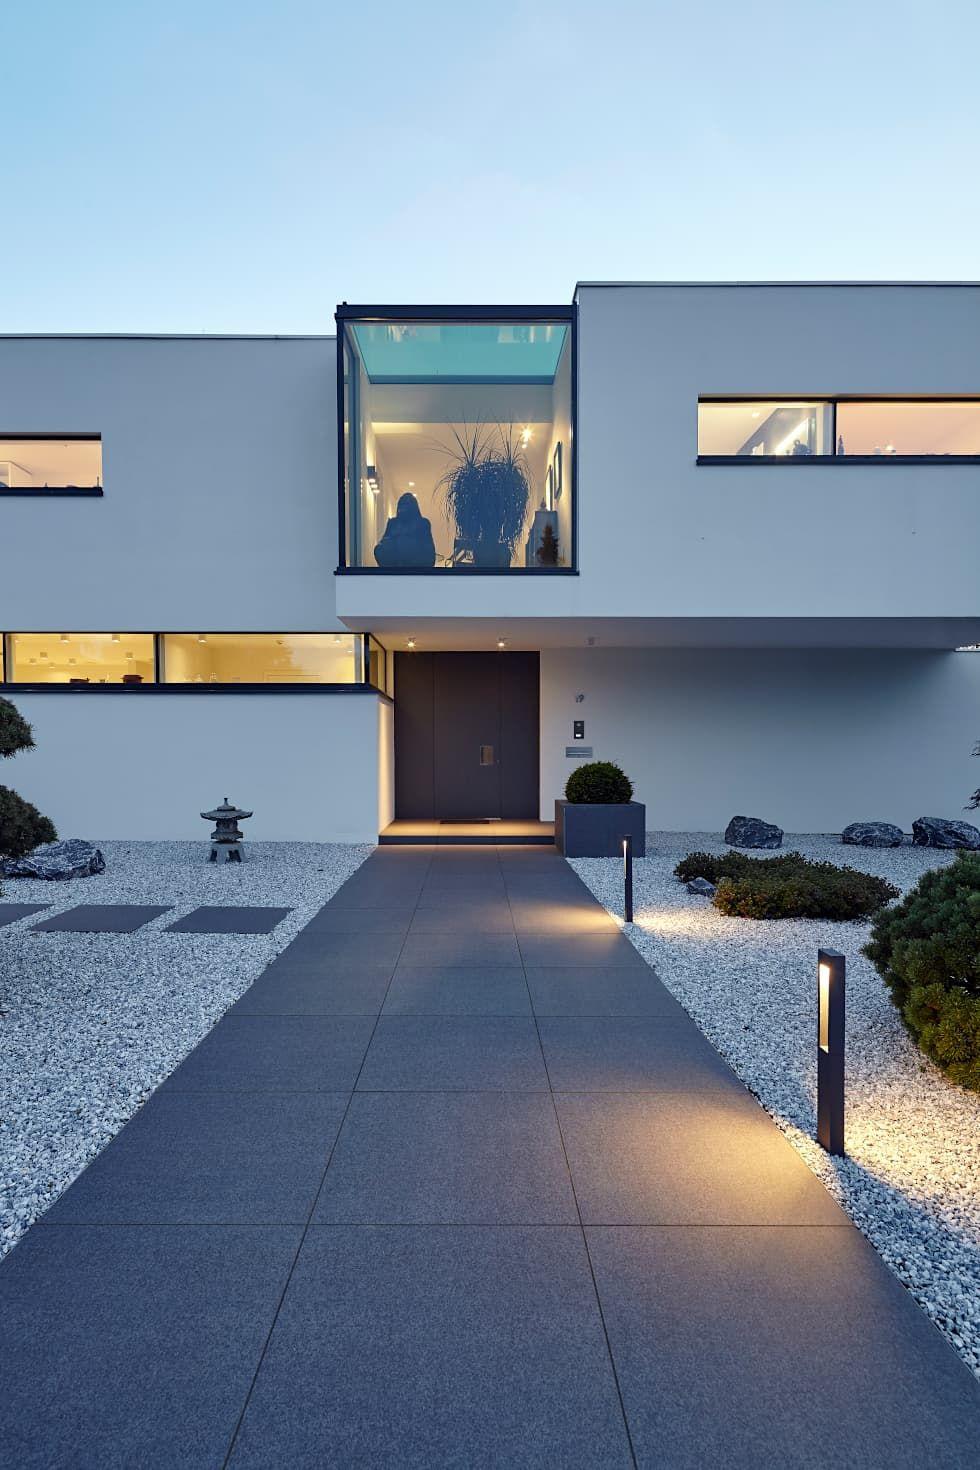 Villa s h user von lioba schneider in 2019 casa for Moderne villen deutschland